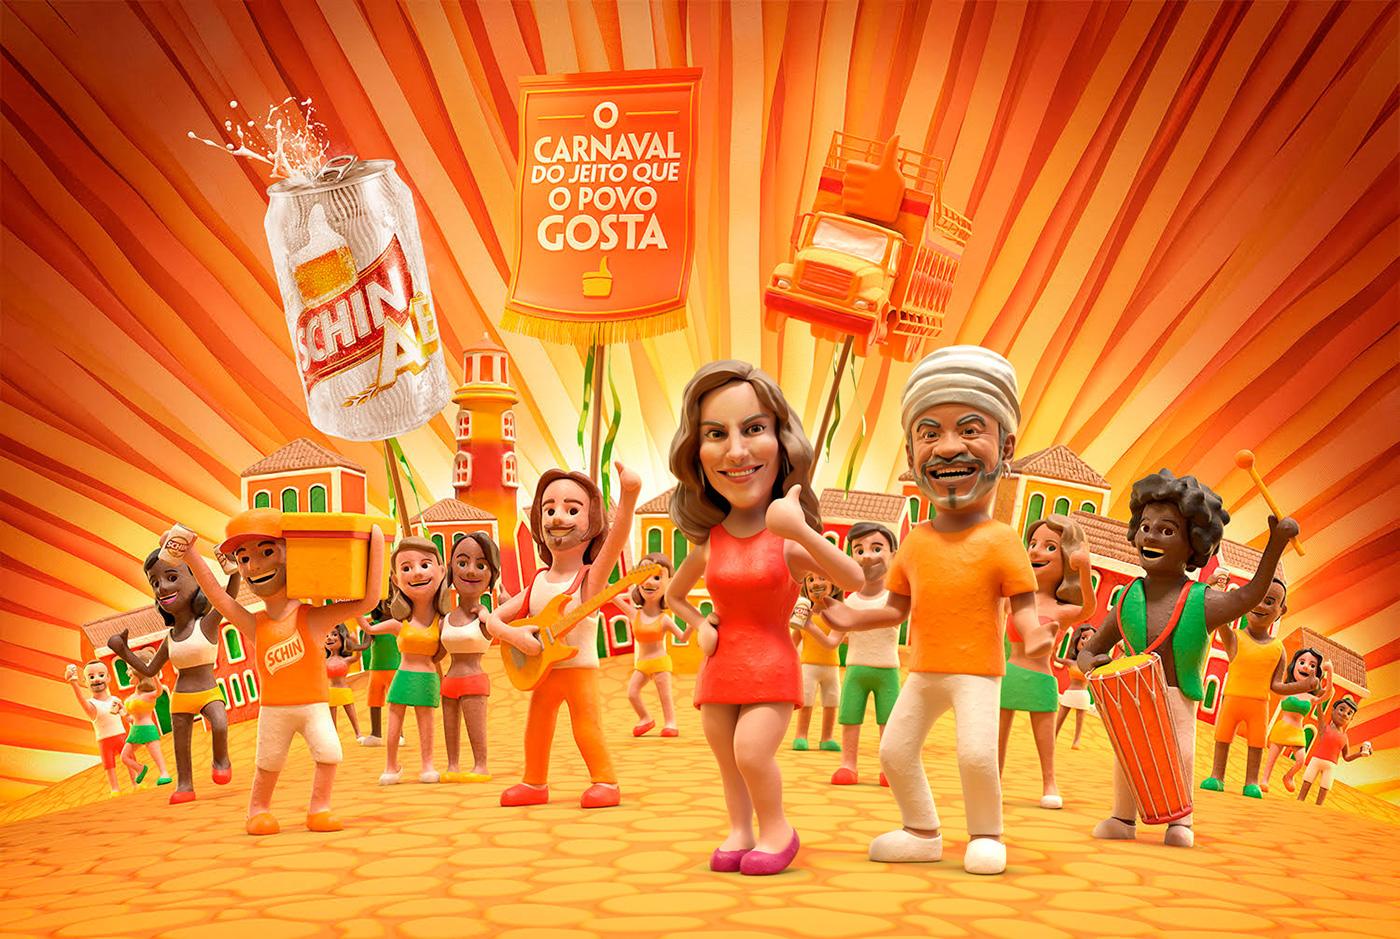 Carnaval Schin, por Caetano Silva (Foto: Reprodução).